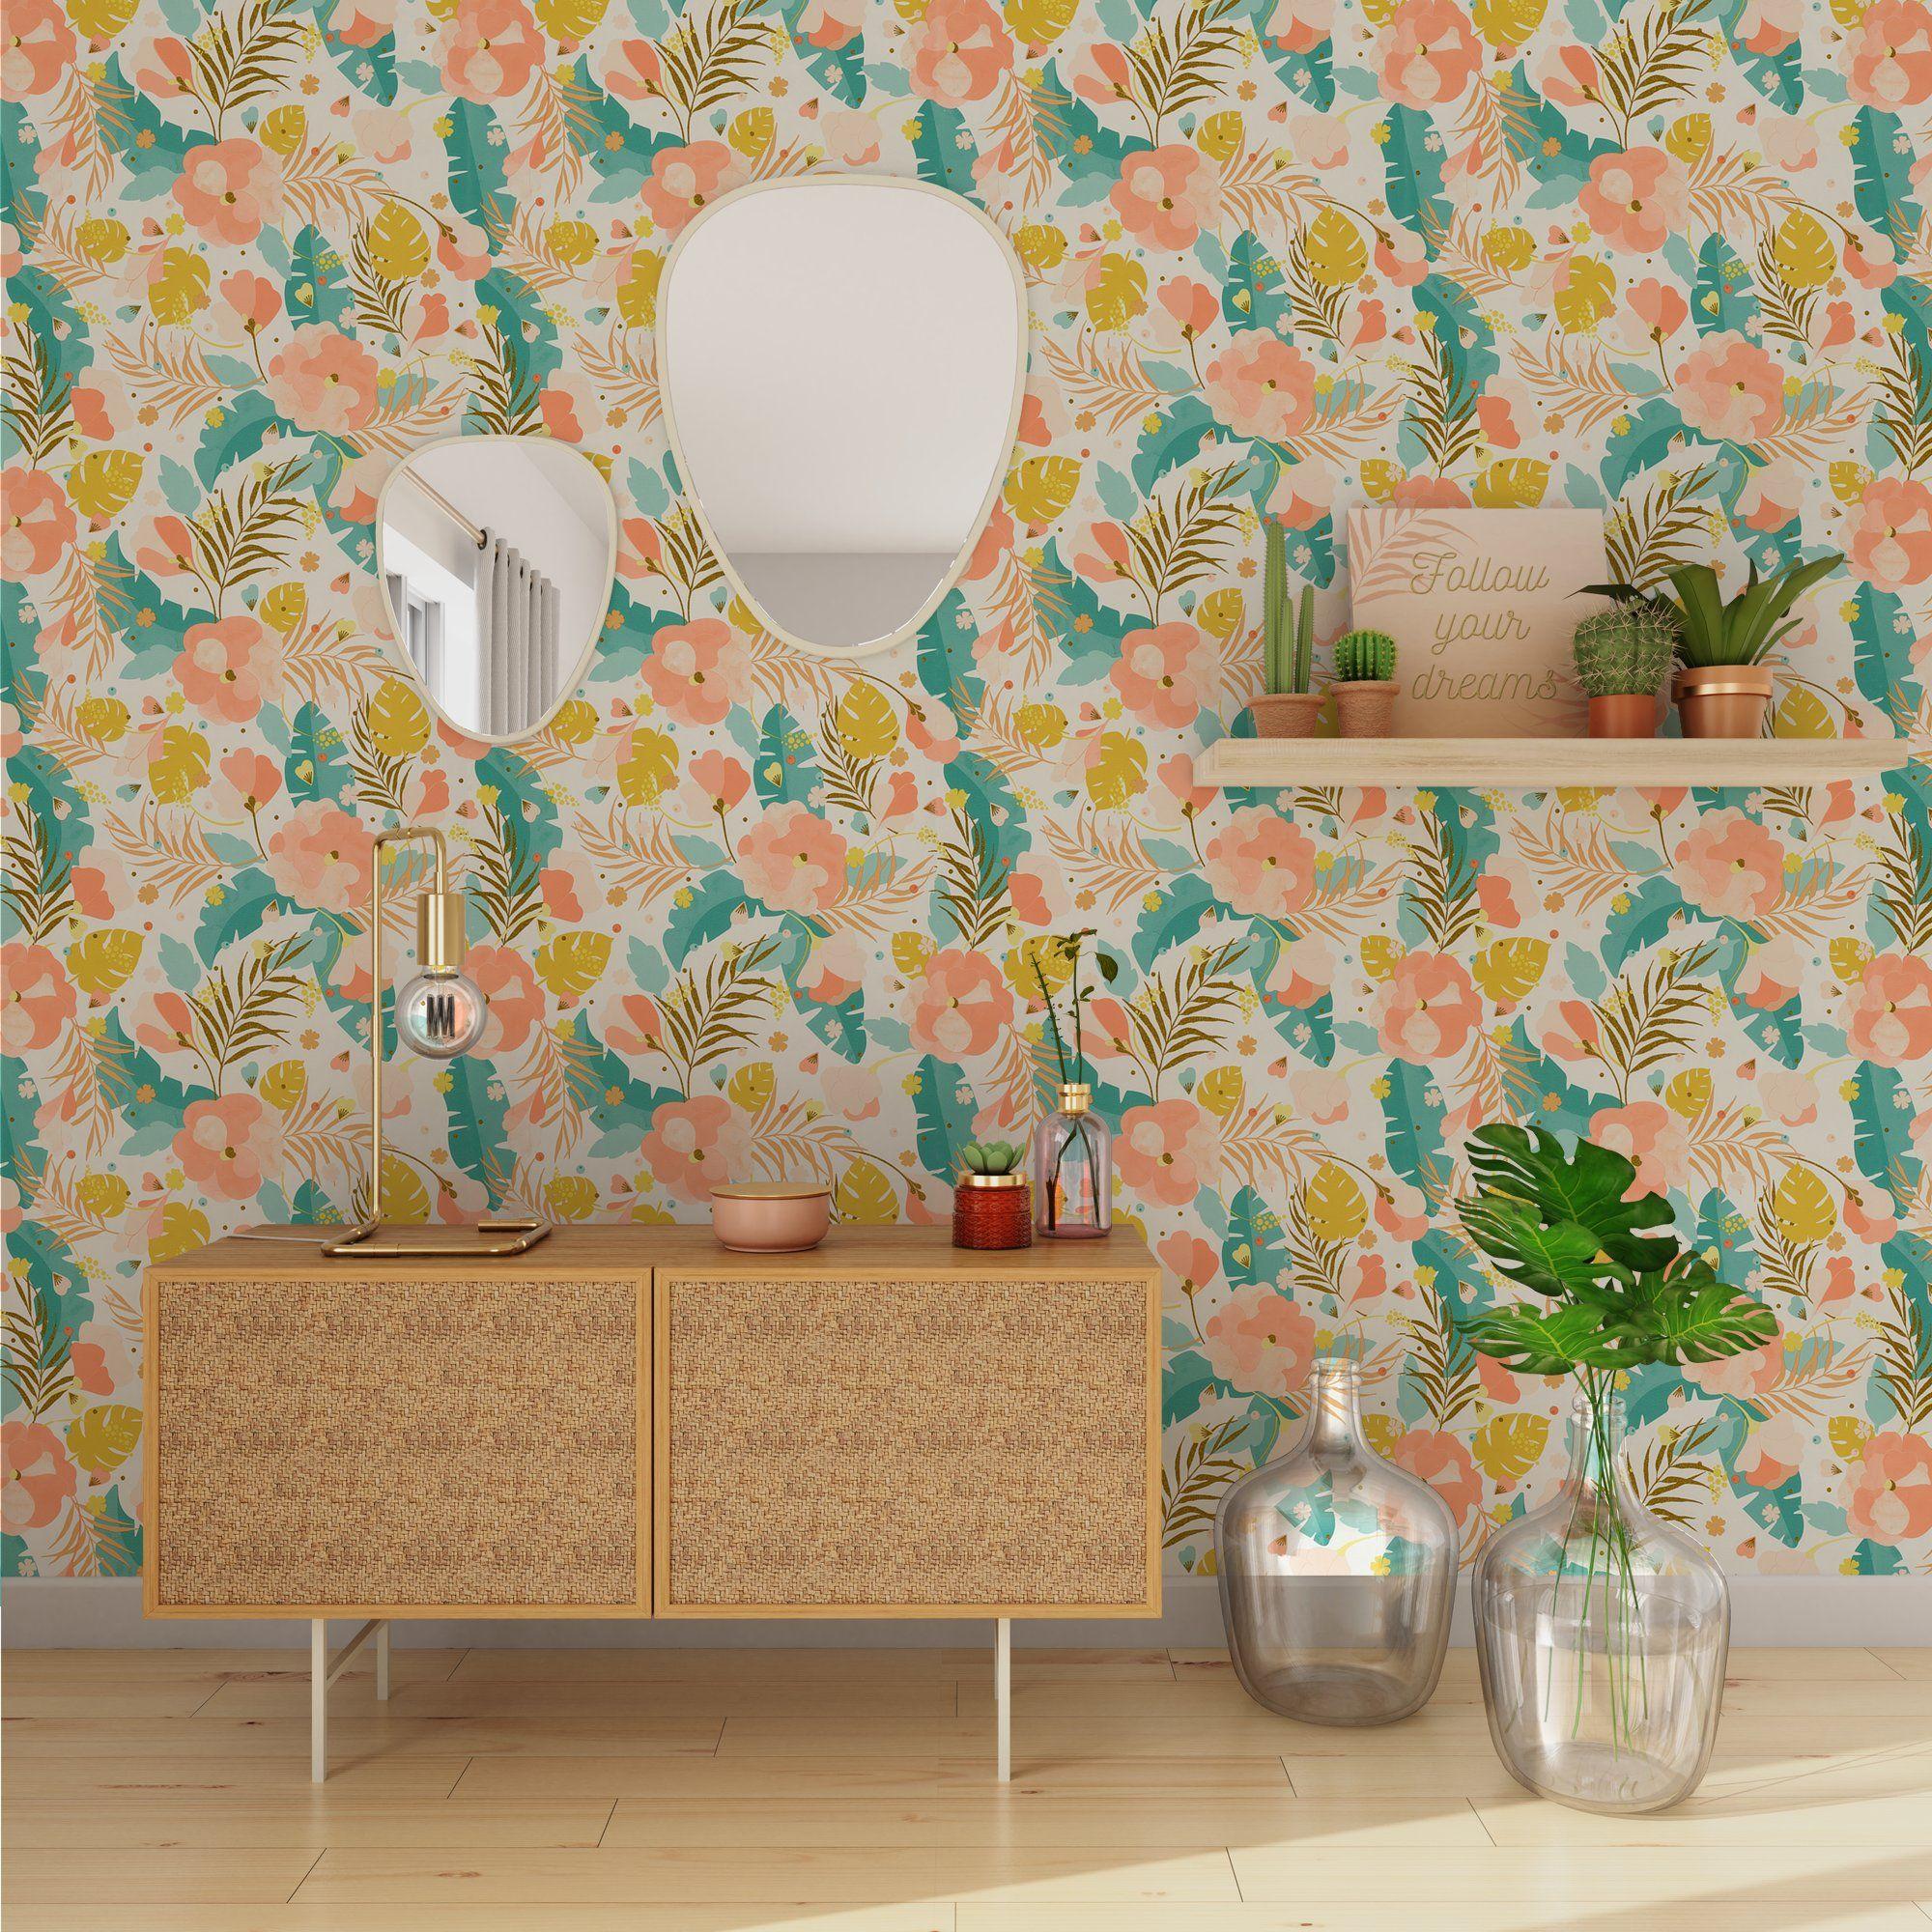 Papier Peint Intisse Aurore Tropicale By Nymphea S Factory Coloris Multicolore En 2020 Papier Peint Papier Peint Intisse Papier Peint Chambre Enfant